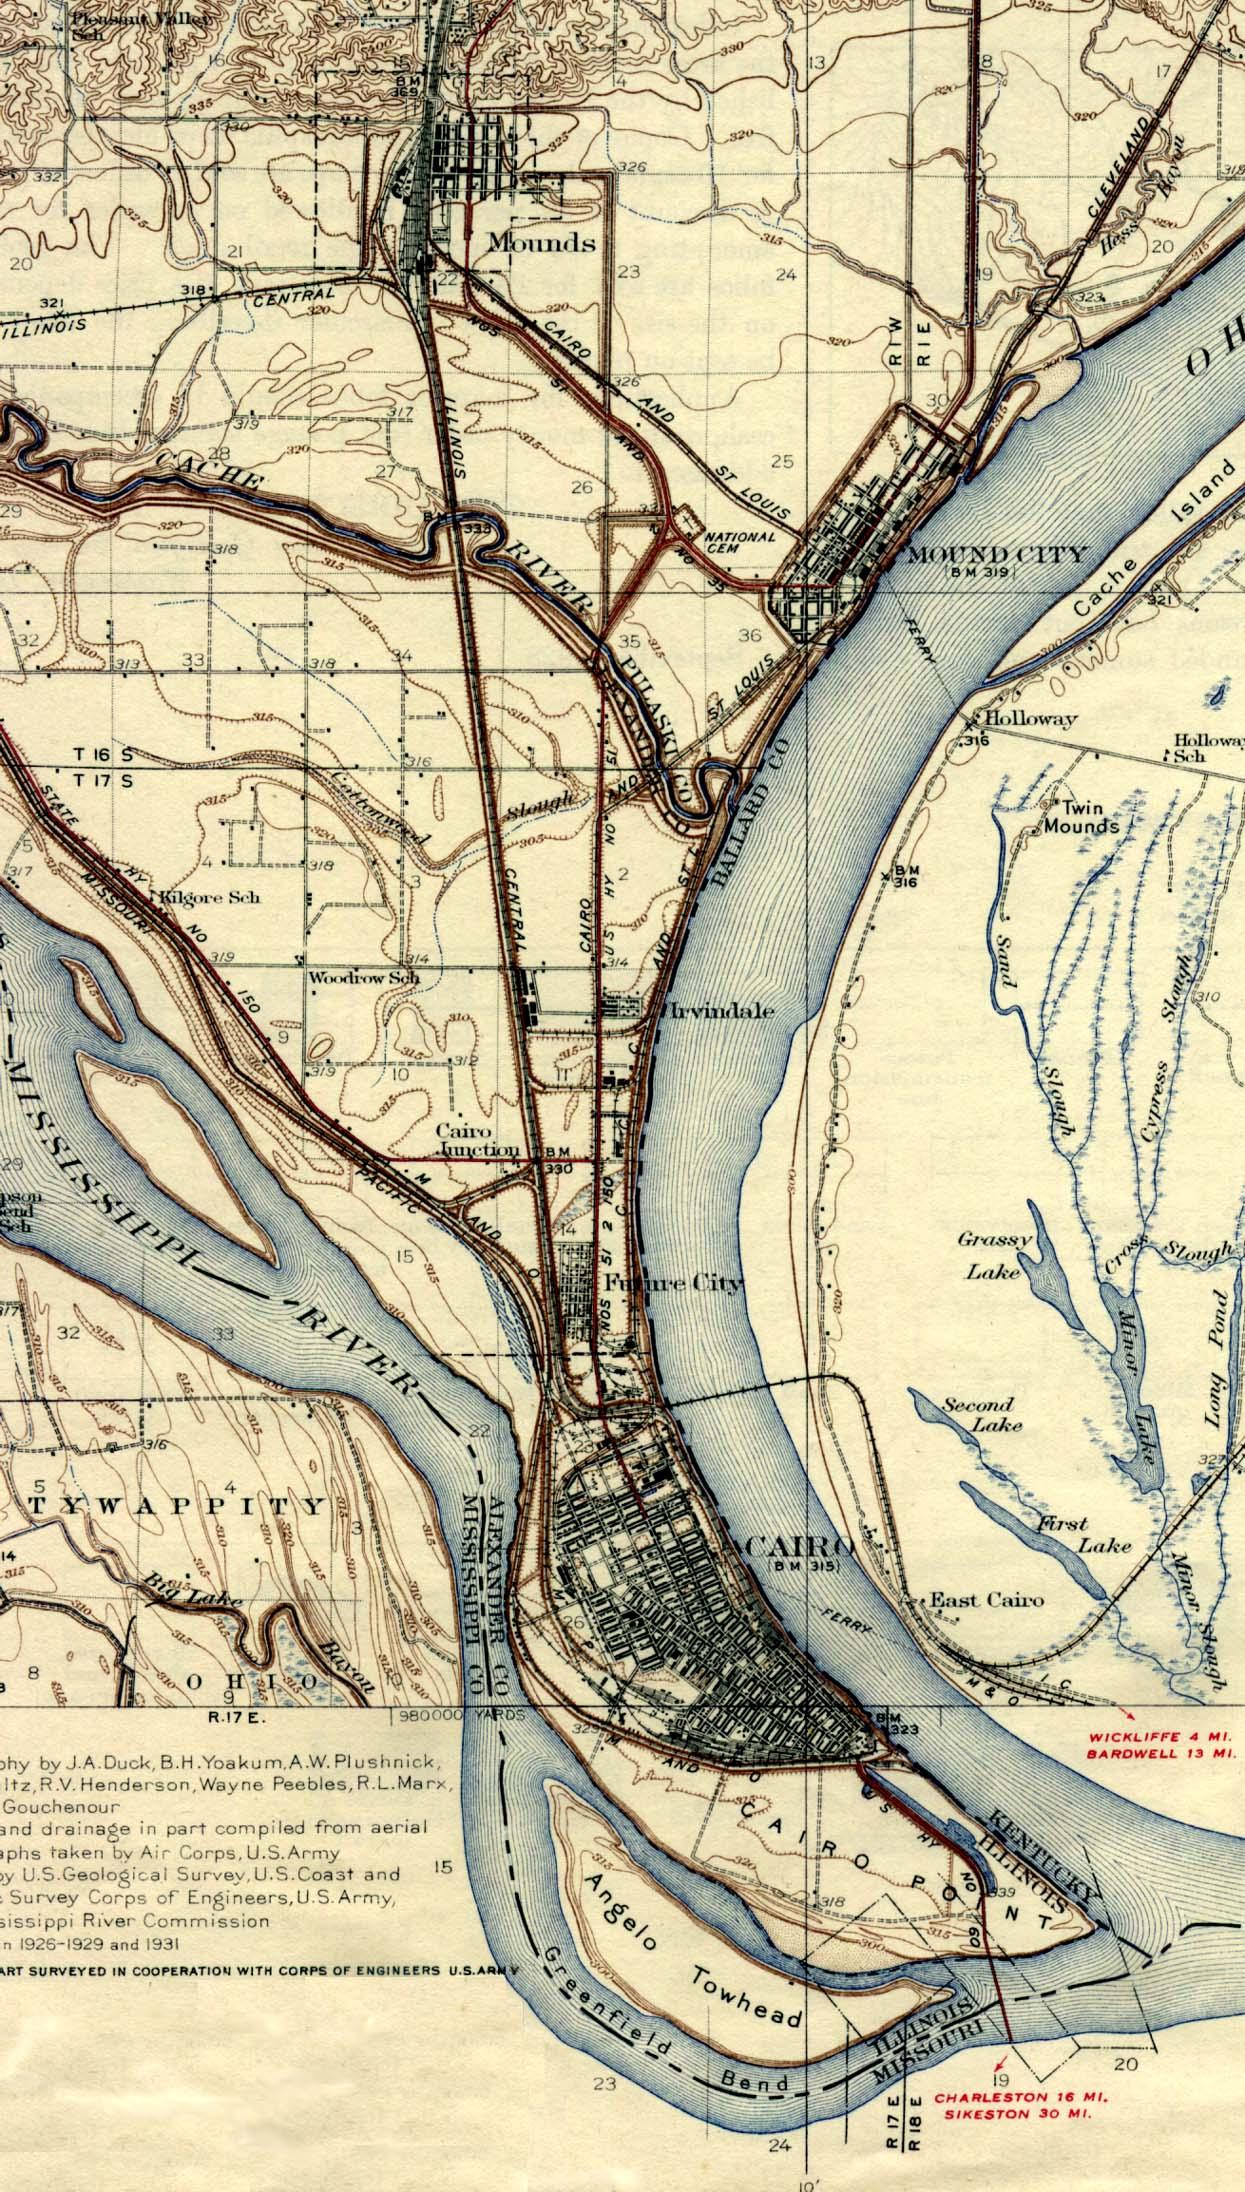 Mapa de la Ciudad de Cairo, Illinois, Estados Unidos 1945